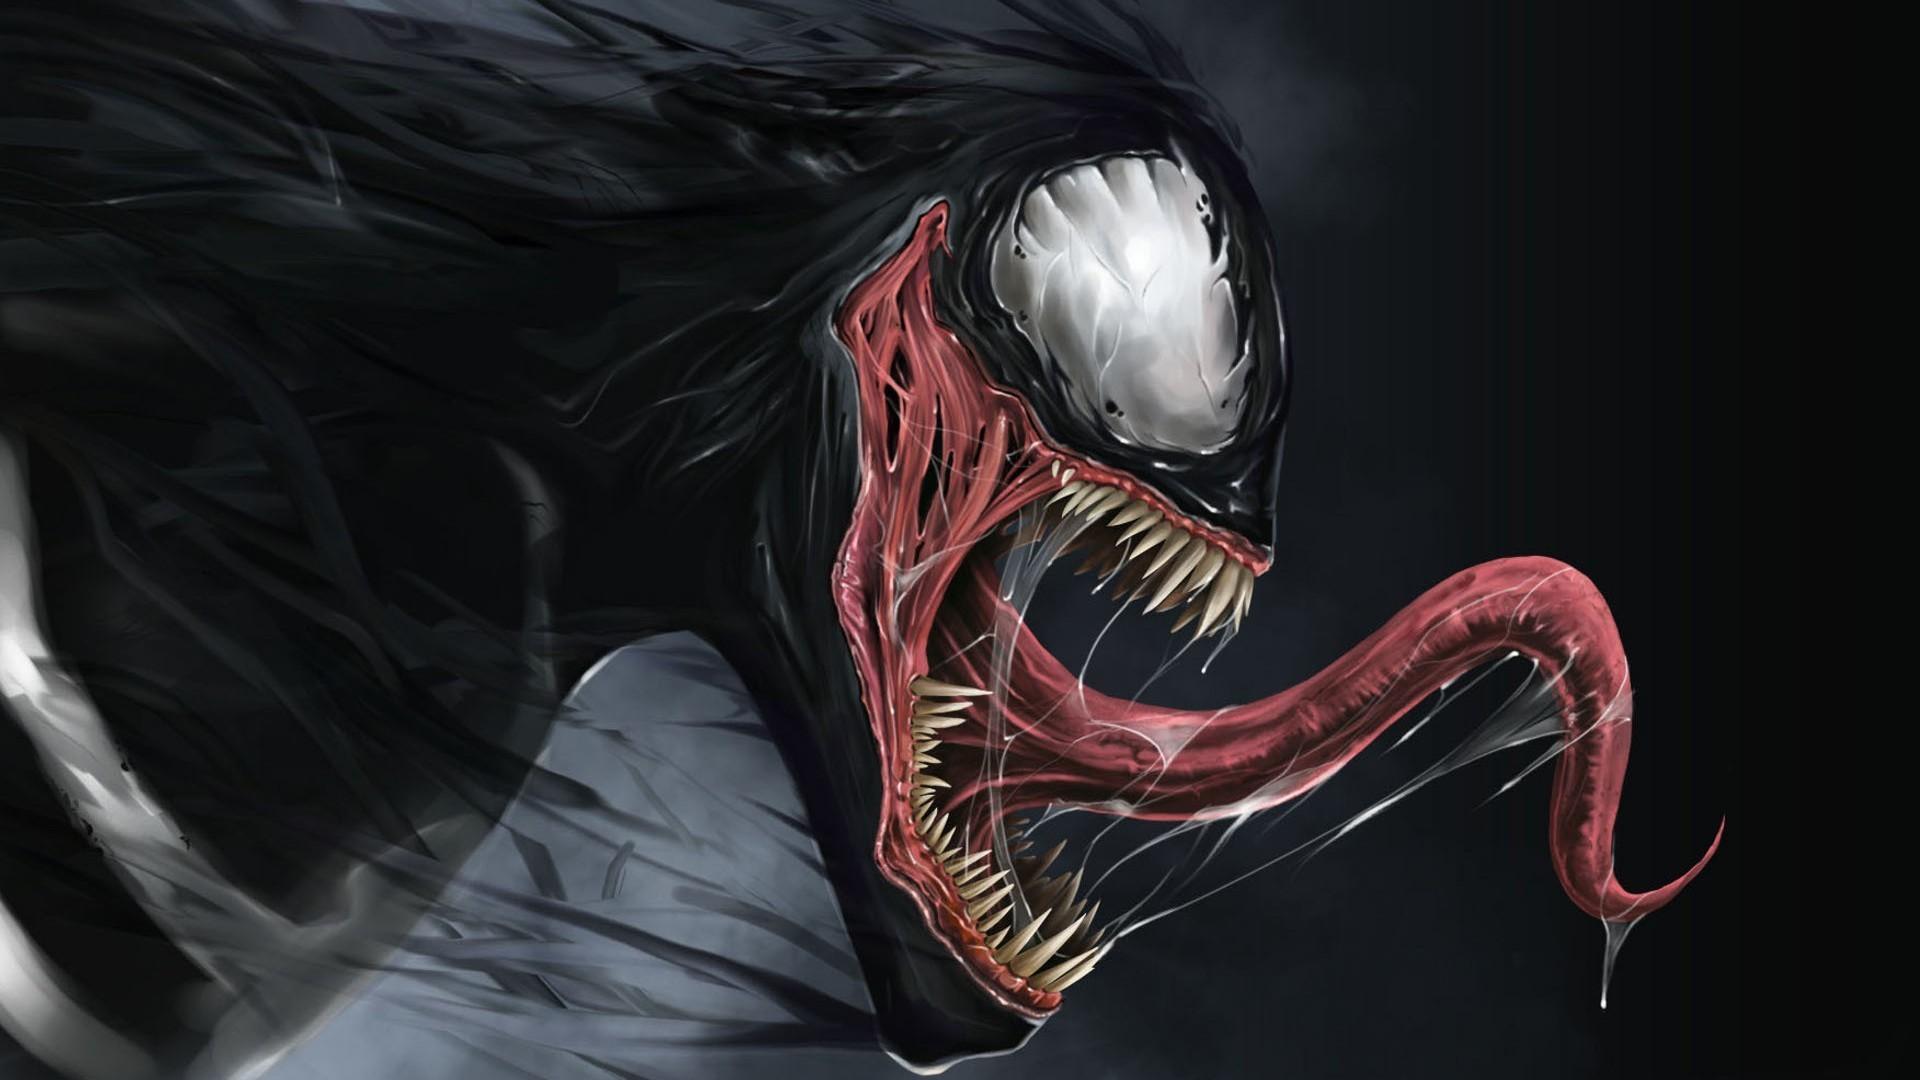 Spider Man HD Wallpapers 1080p – WallpaperSafari